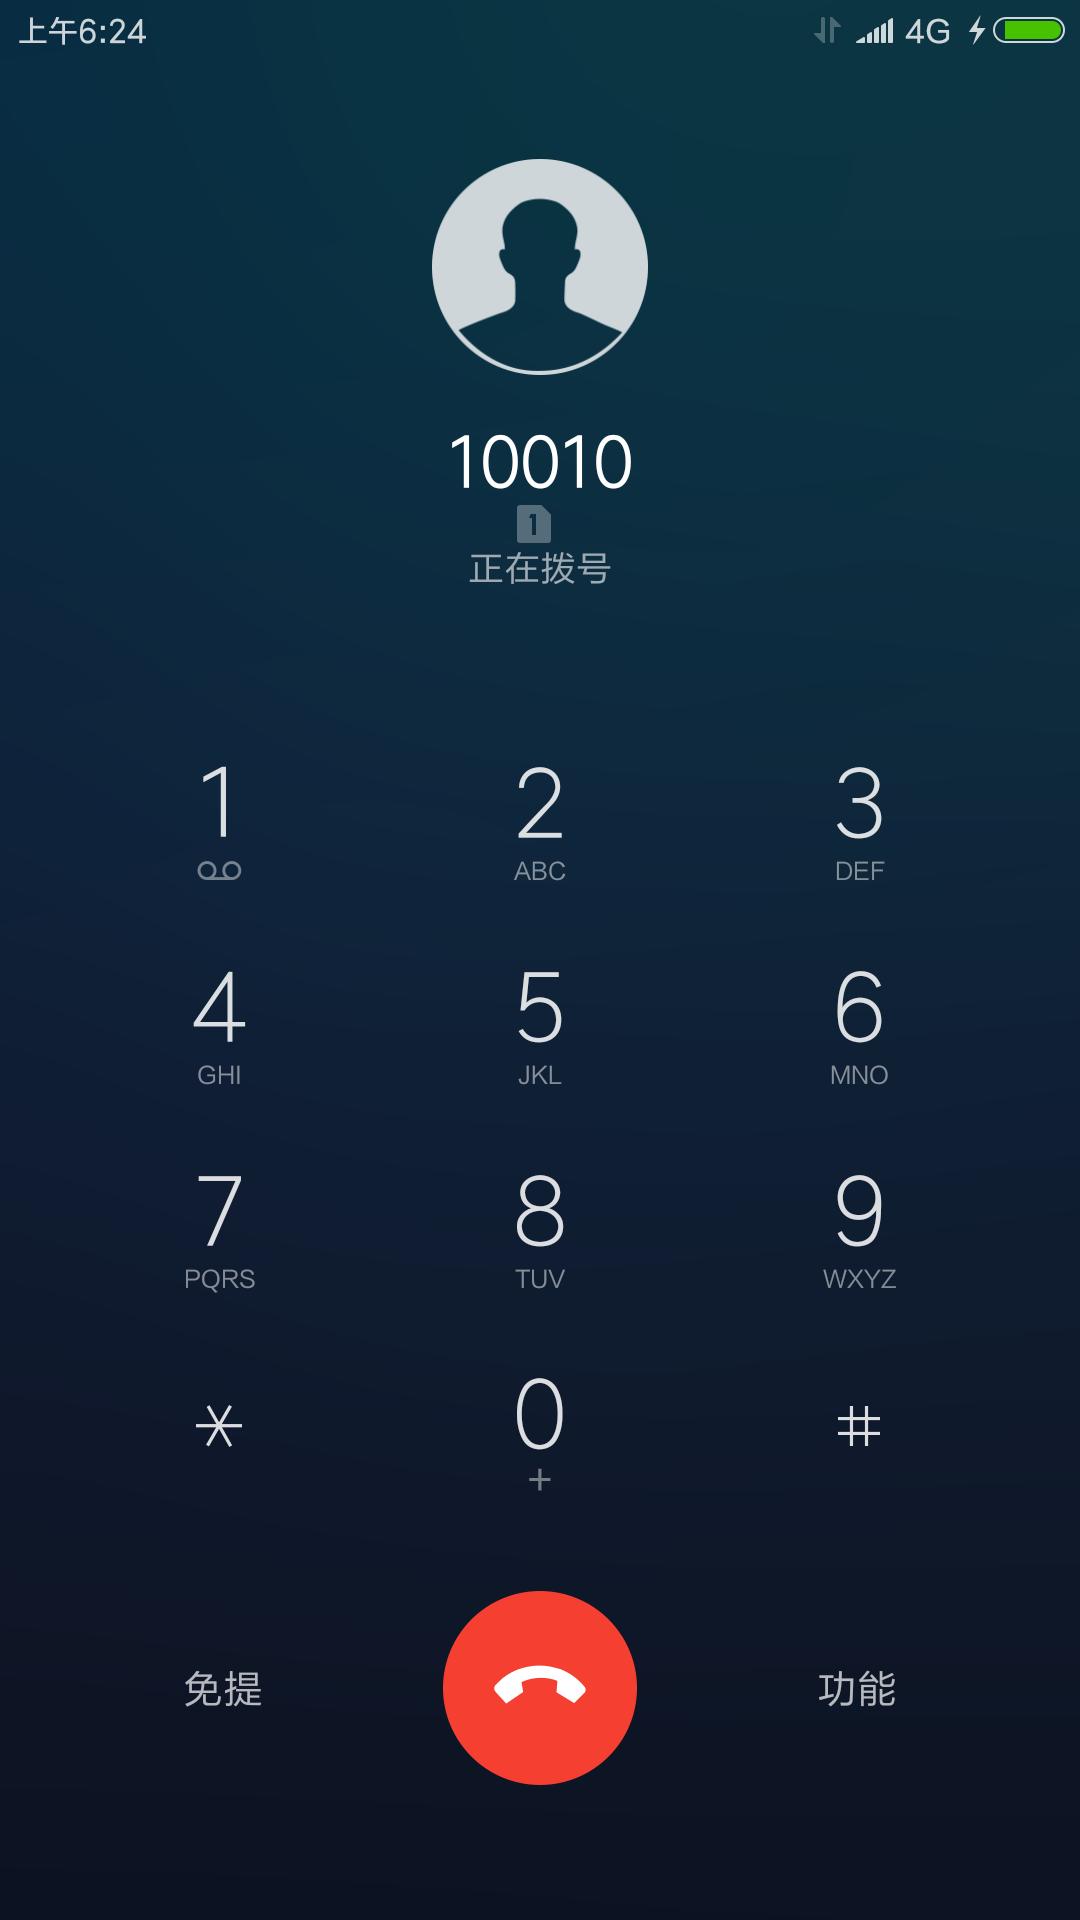 Screenshot_2018-03-25-06-24-54-971_com.android.incallui.png